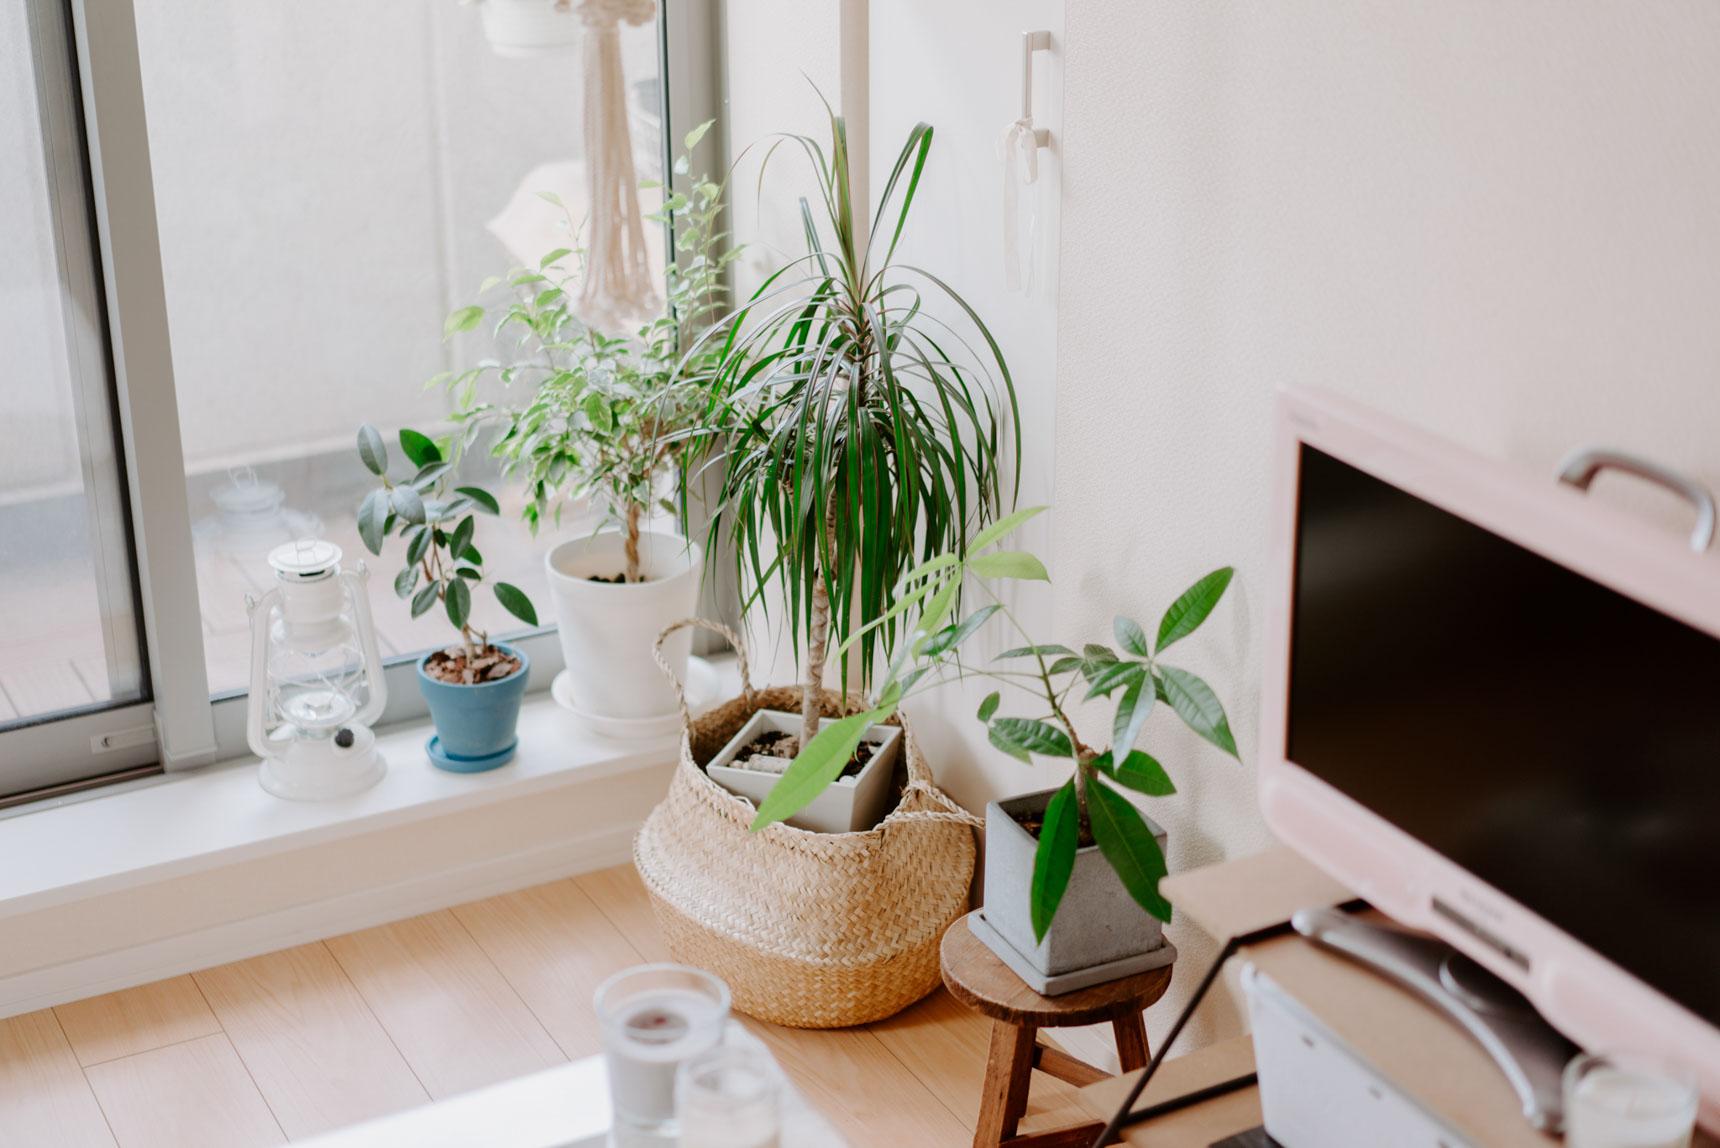 窓側の特等席は植物のための空間。リゾートインテリアに植物は欠かせないアイテムということがよくわかります。